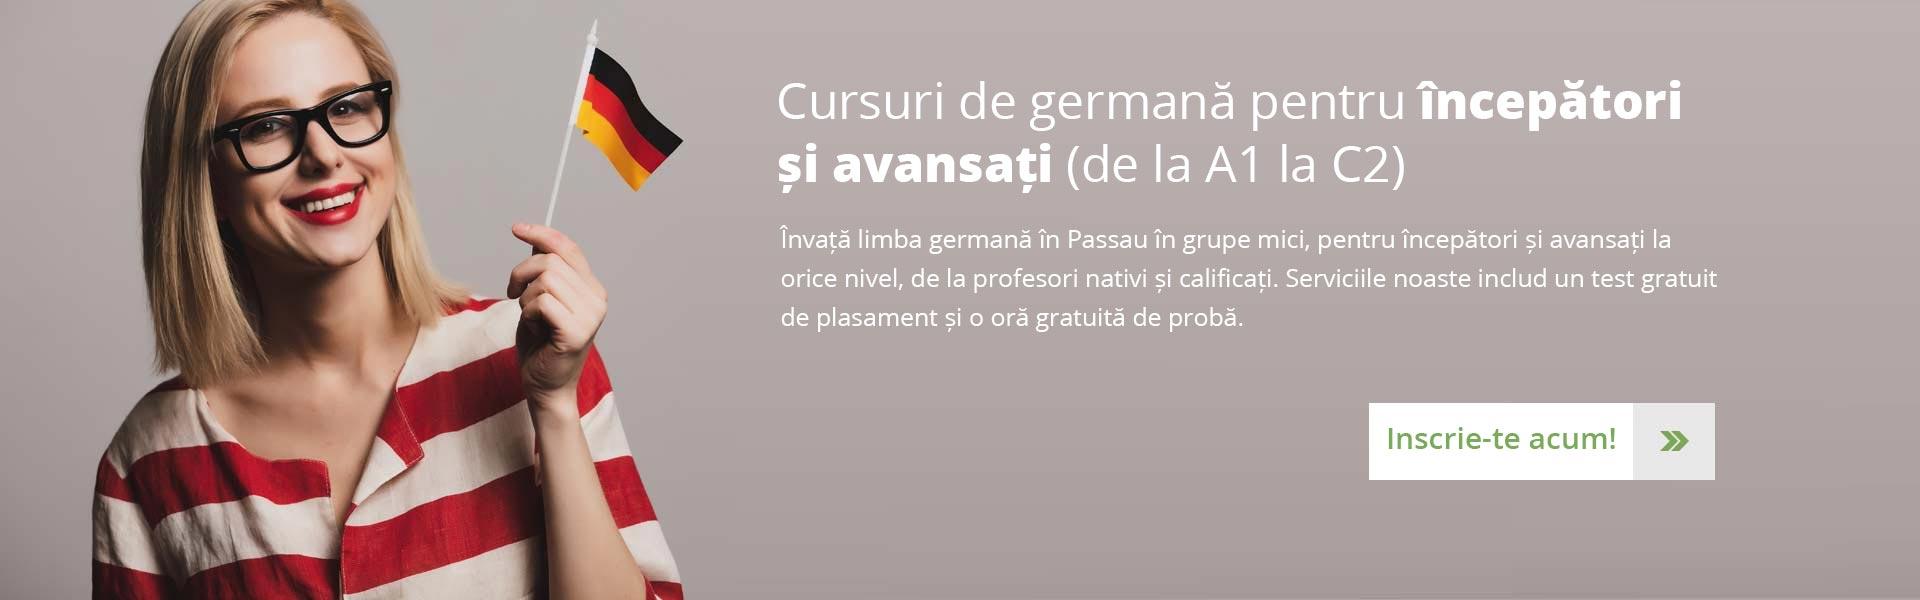 cursuri de germană pentru începători și avansați (de la A1 la C2)